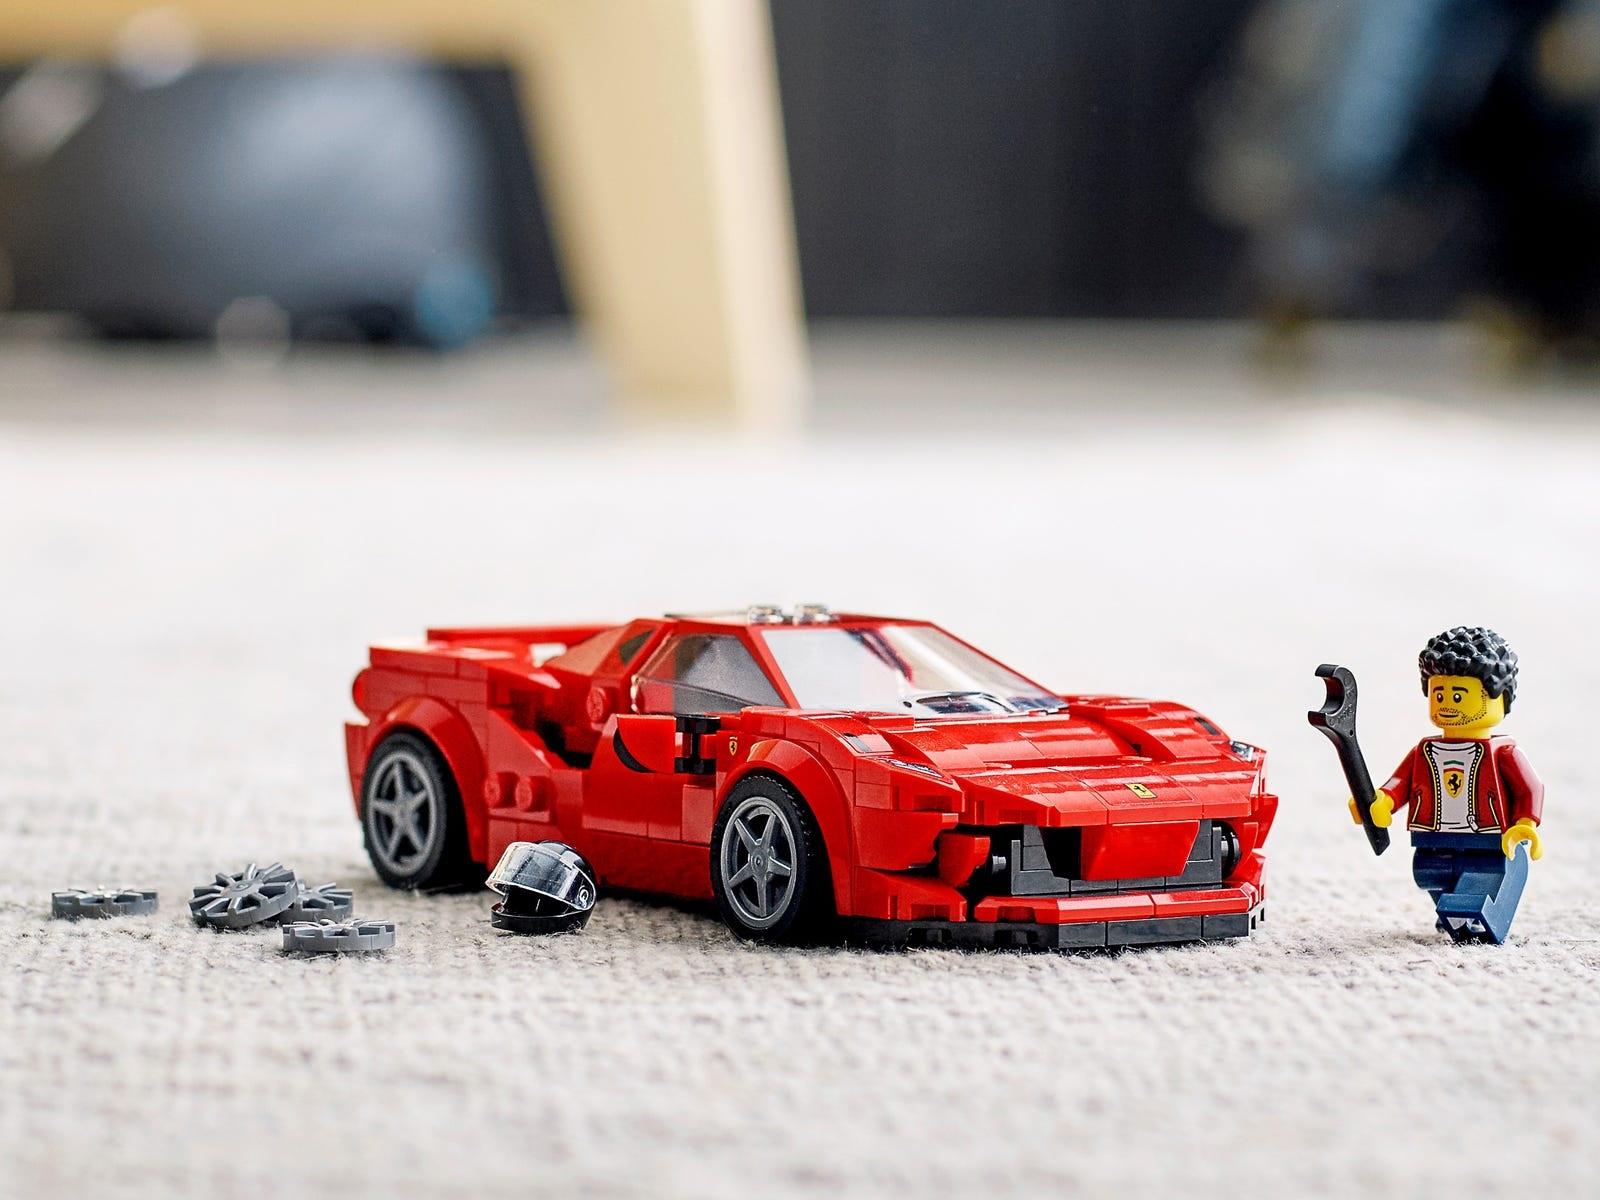 Η Ferrari F8 Tributo από τουβλάκια της Lego - Autoblog.gr